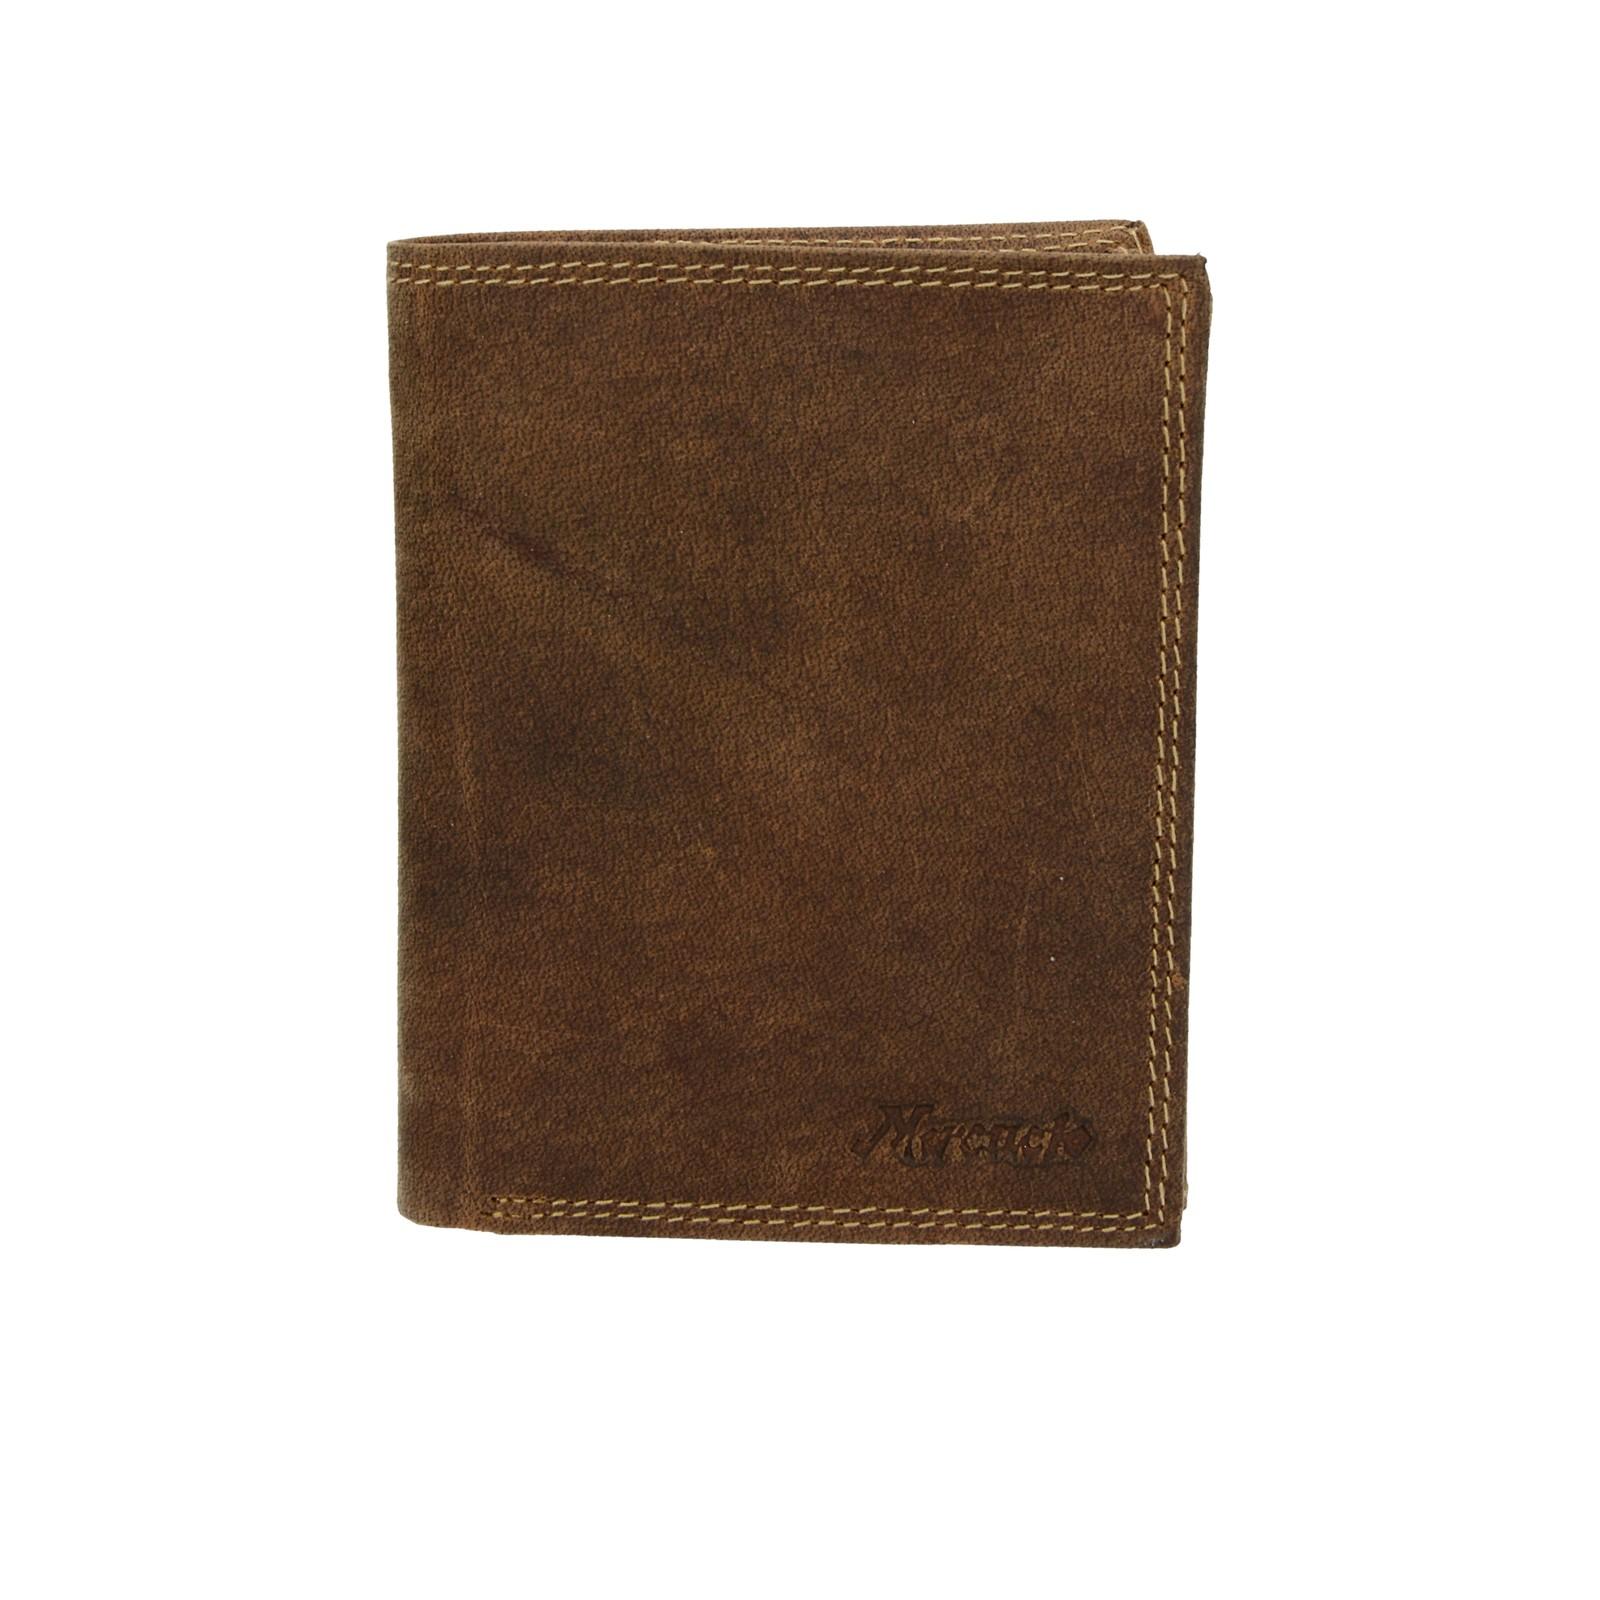 Mercucio pánska kožená peňaženka - hnedá ... 17e35ecc8ab